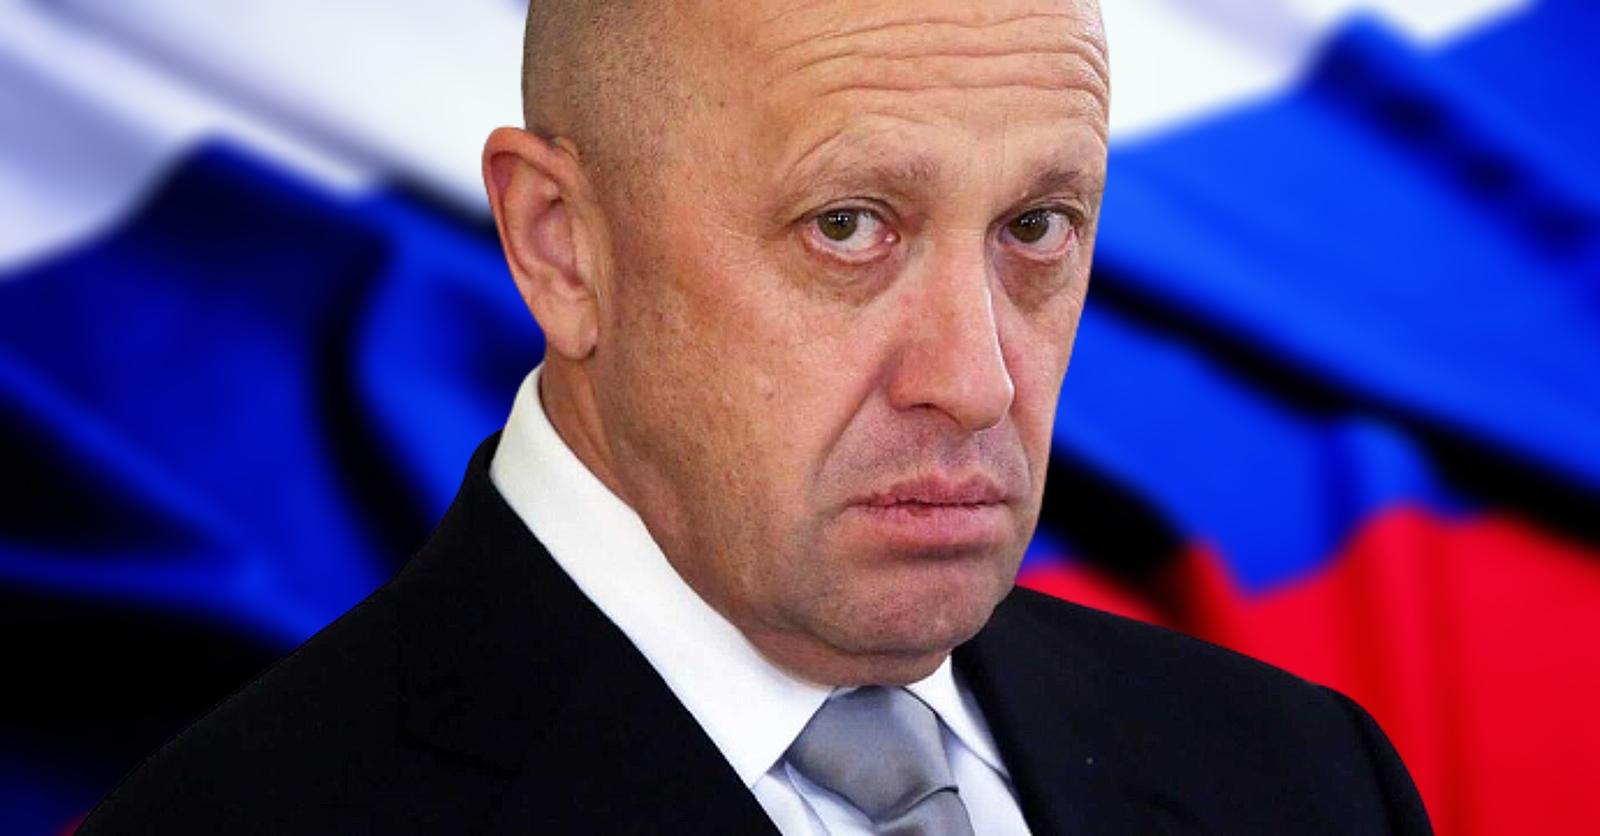 Евгений Пригожин: Петербургу требуется полная замена местного парламента